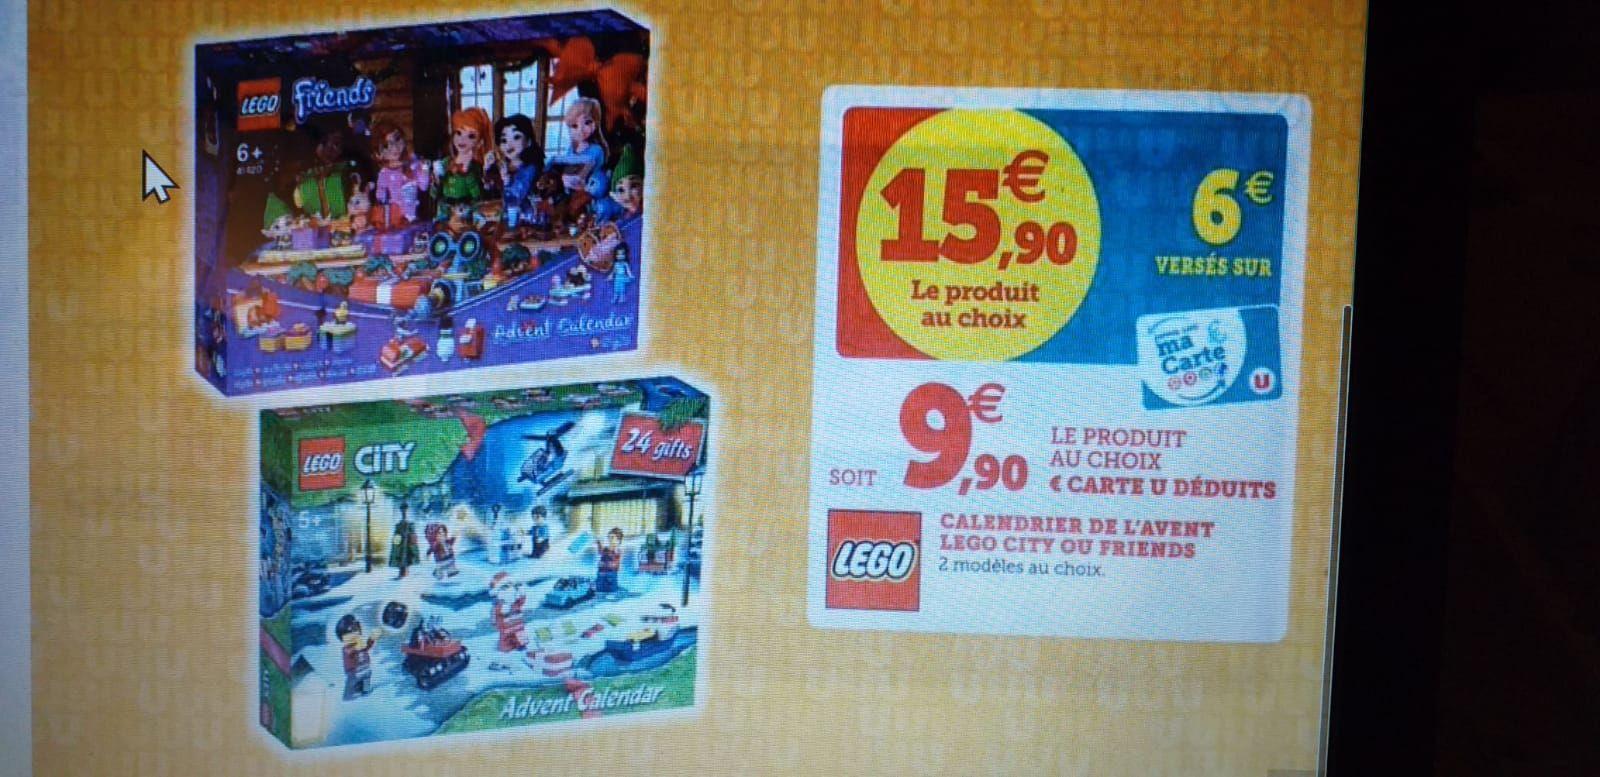 Calendrier de l'avent Lego City ou Friends (via 6€ sur la carte fidélité)